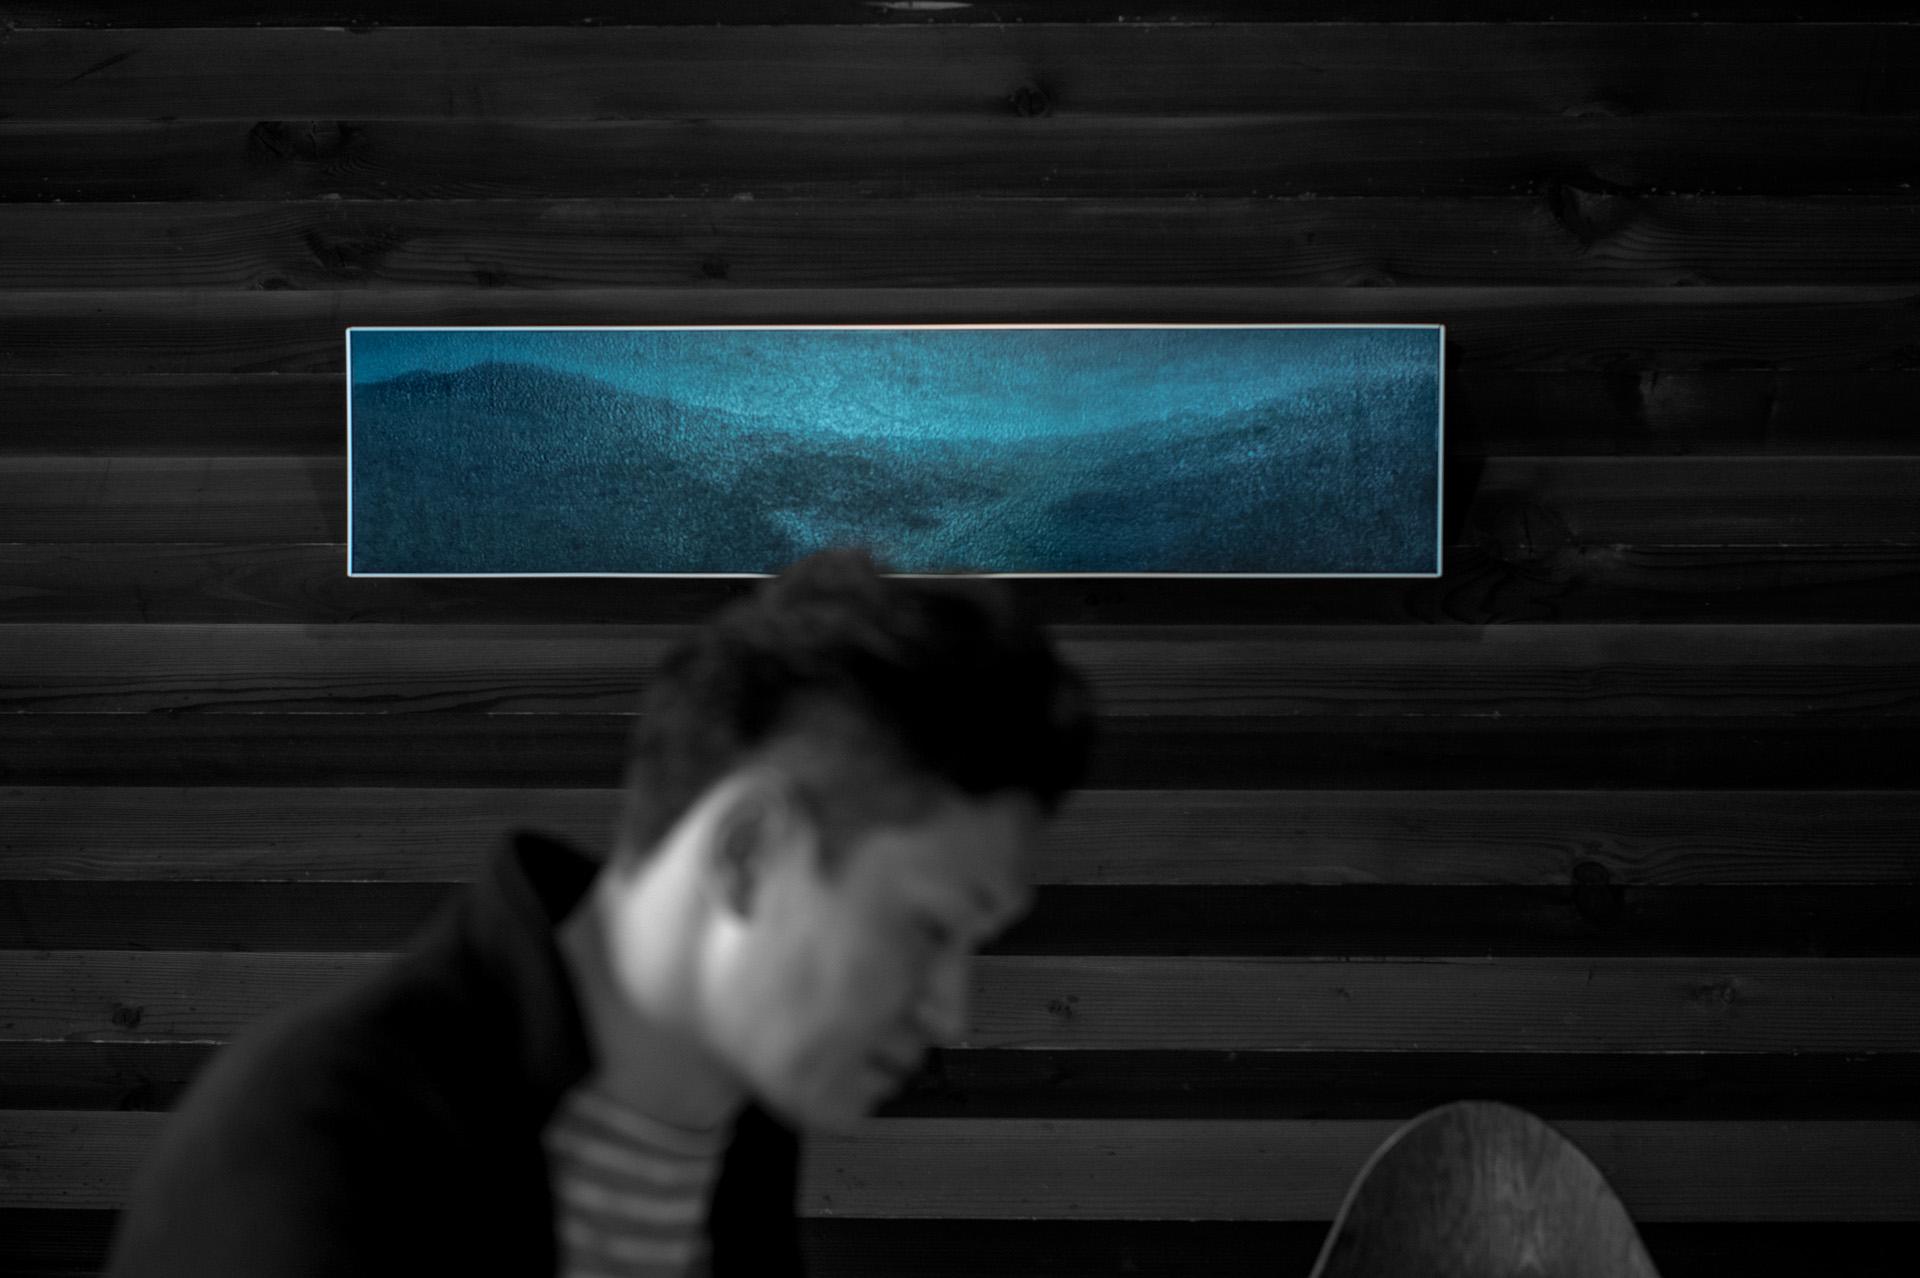 「トポス高地(TOPOS HIGHTLAND)2016」@欧風家庭料理アリコ・ルージュ 2016.05.01〜05.30